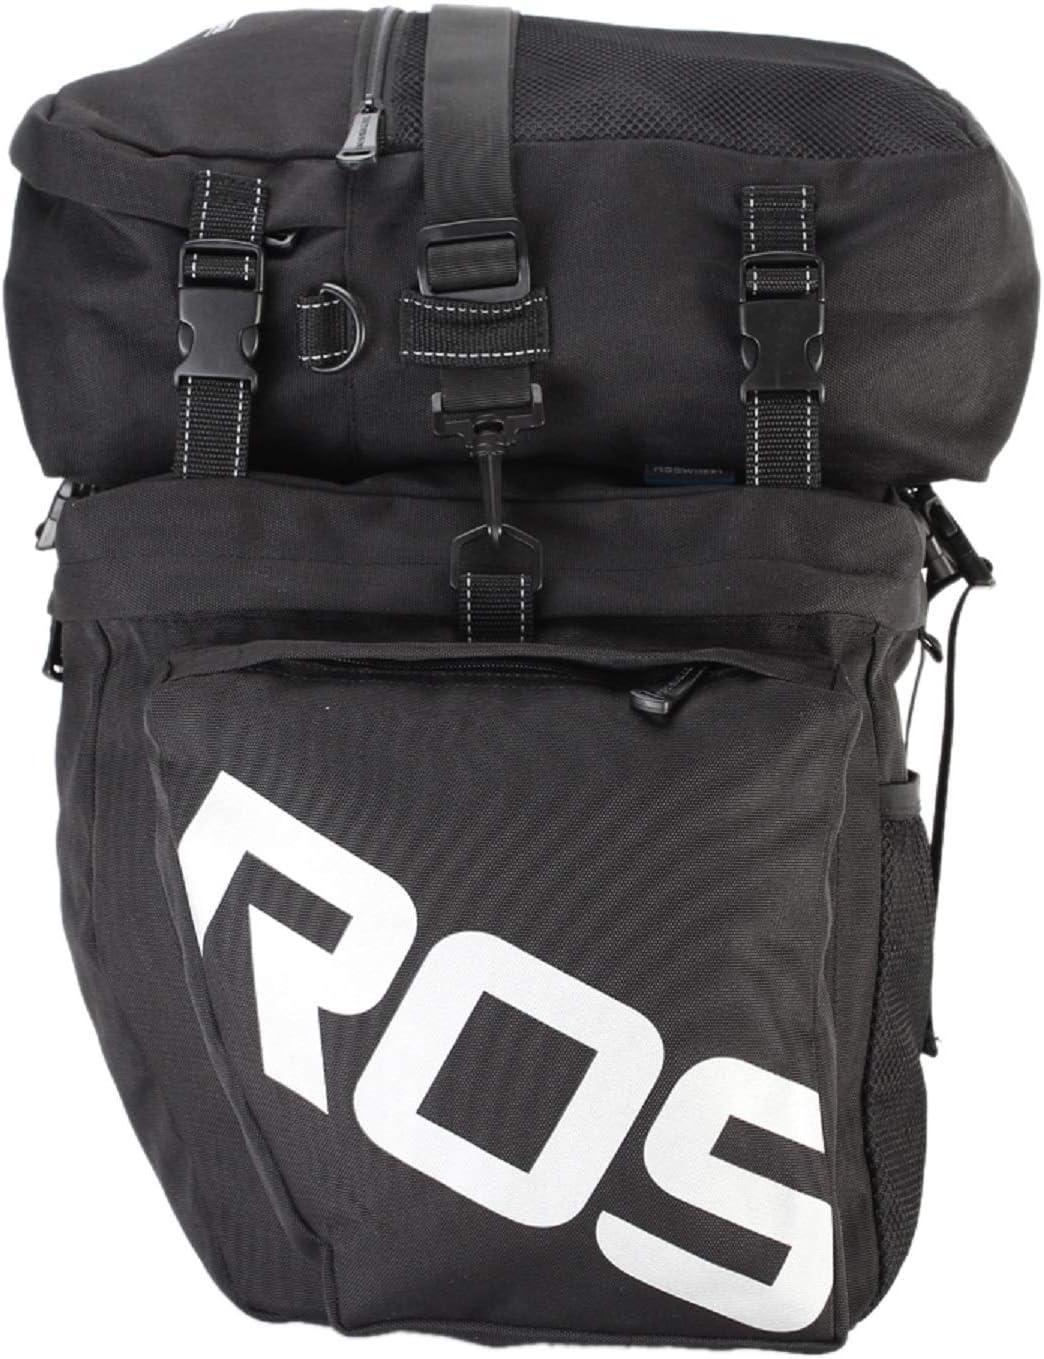 3-in-1 Waterproof Bicycle Cycling Pannier Bag Gear Pack Black